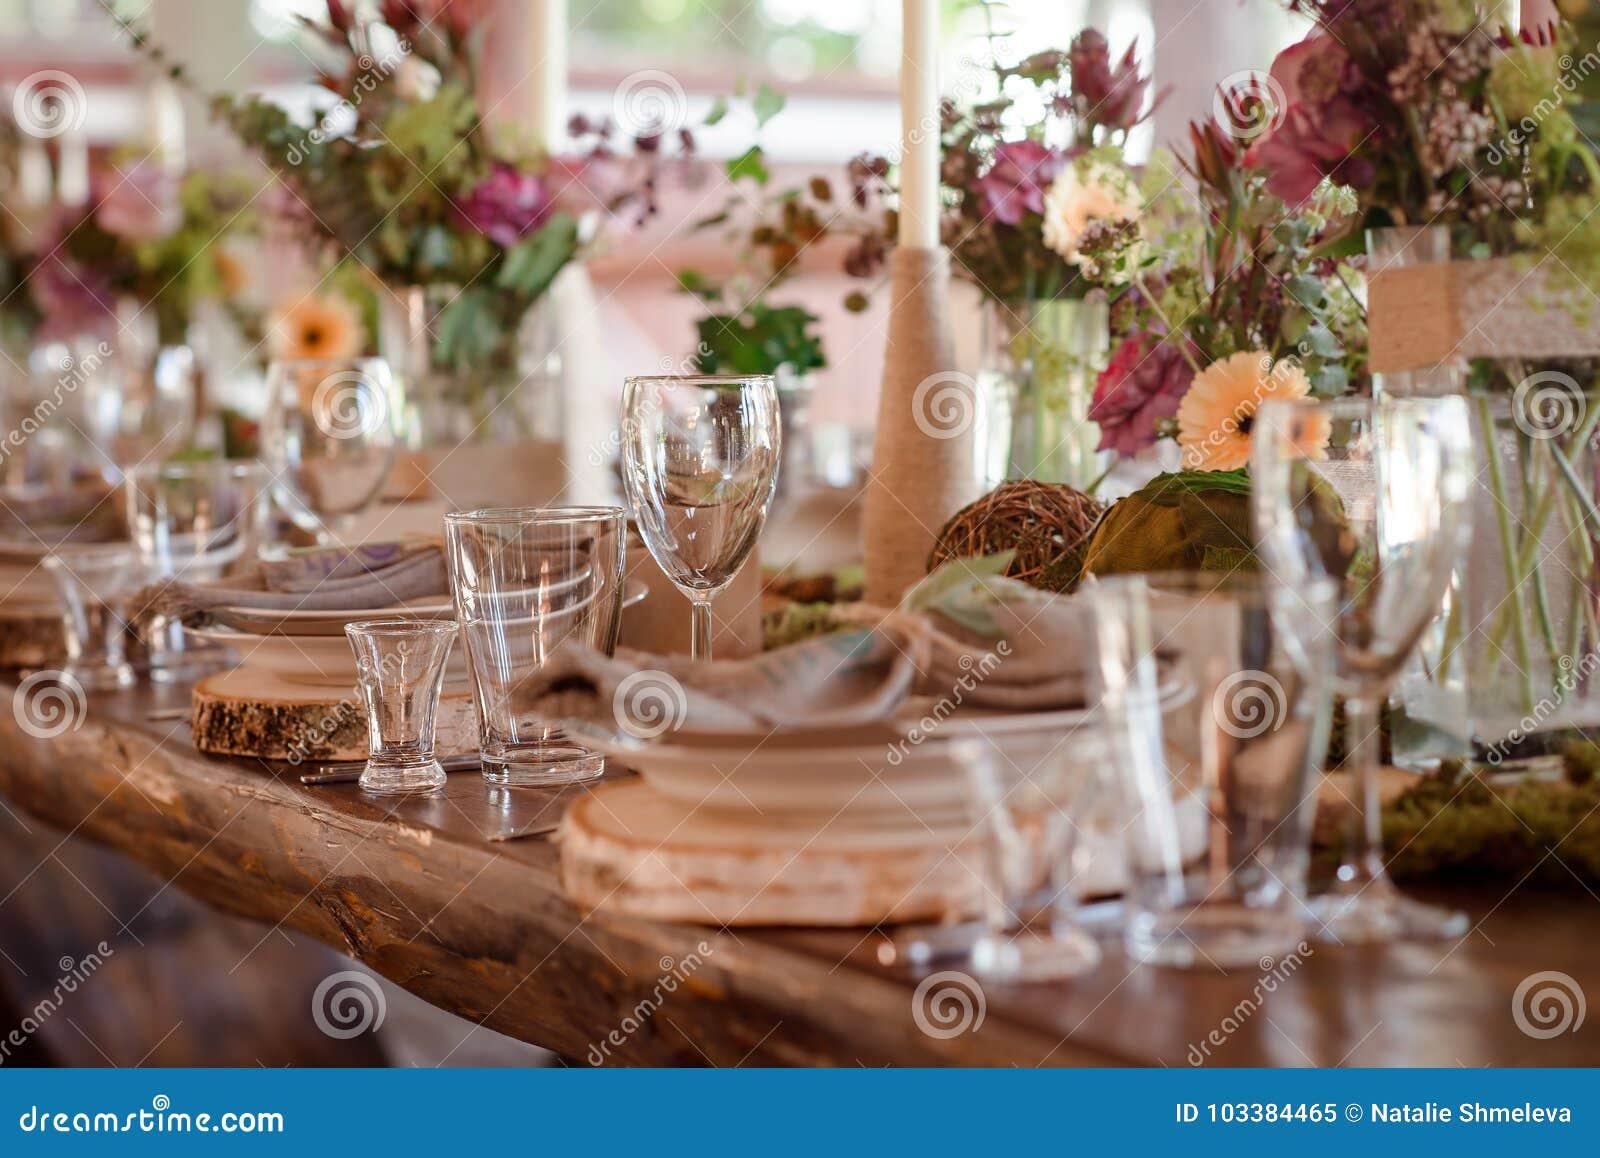 Wedding Table Decor Stock Image Image Of Greenery Celebrate